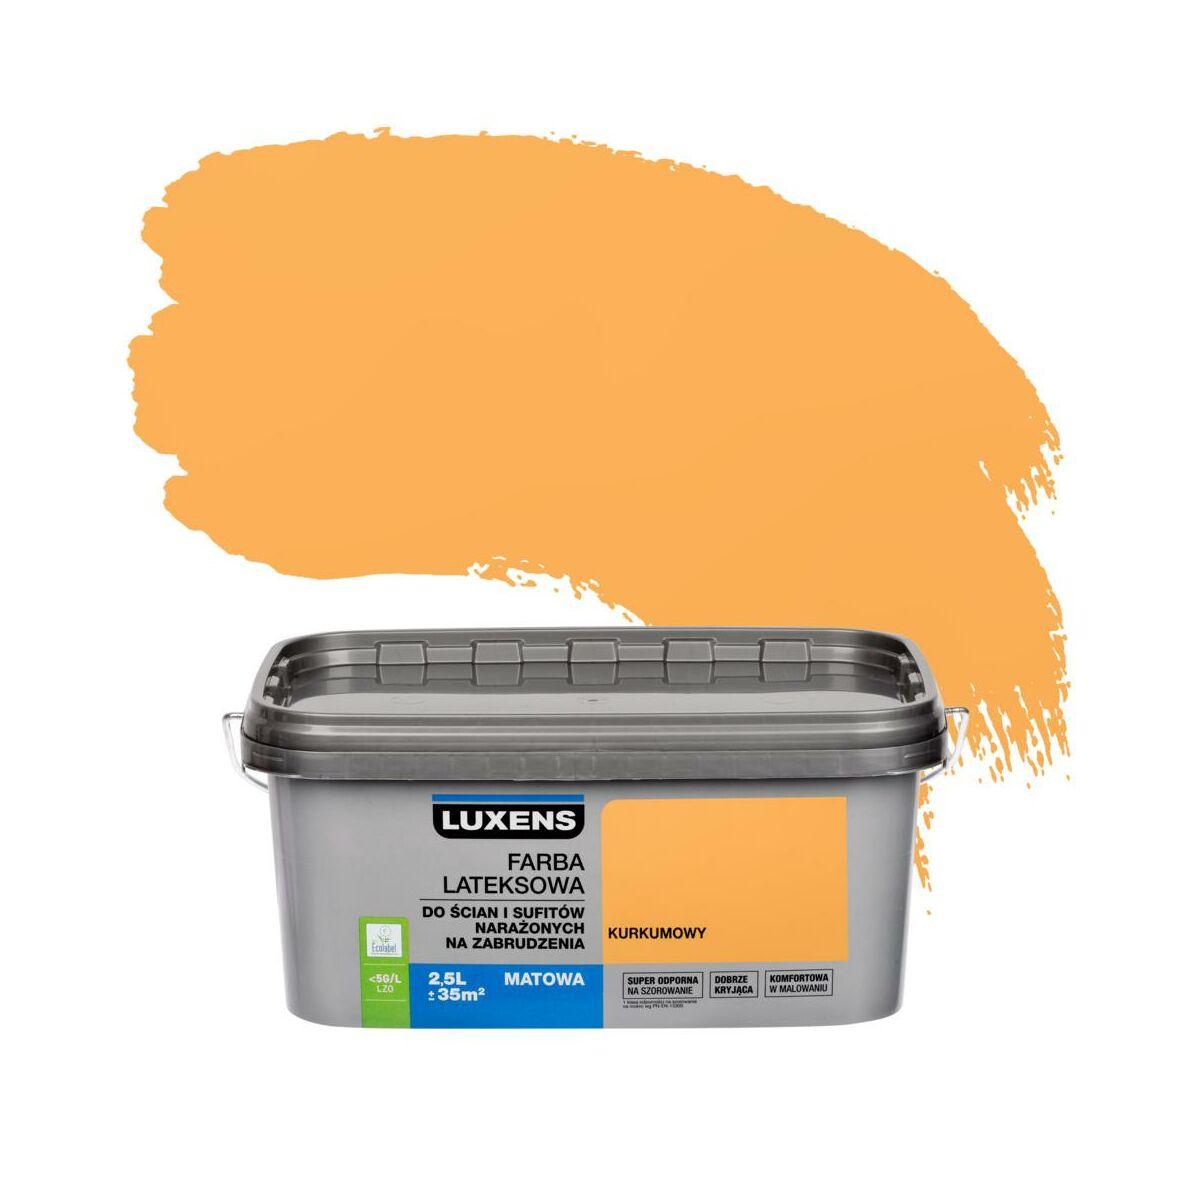 Farba wewnętrzna NARAŻONYCH NA ZABRUDZENIA 2.5 l Kurkumowy LUXENS